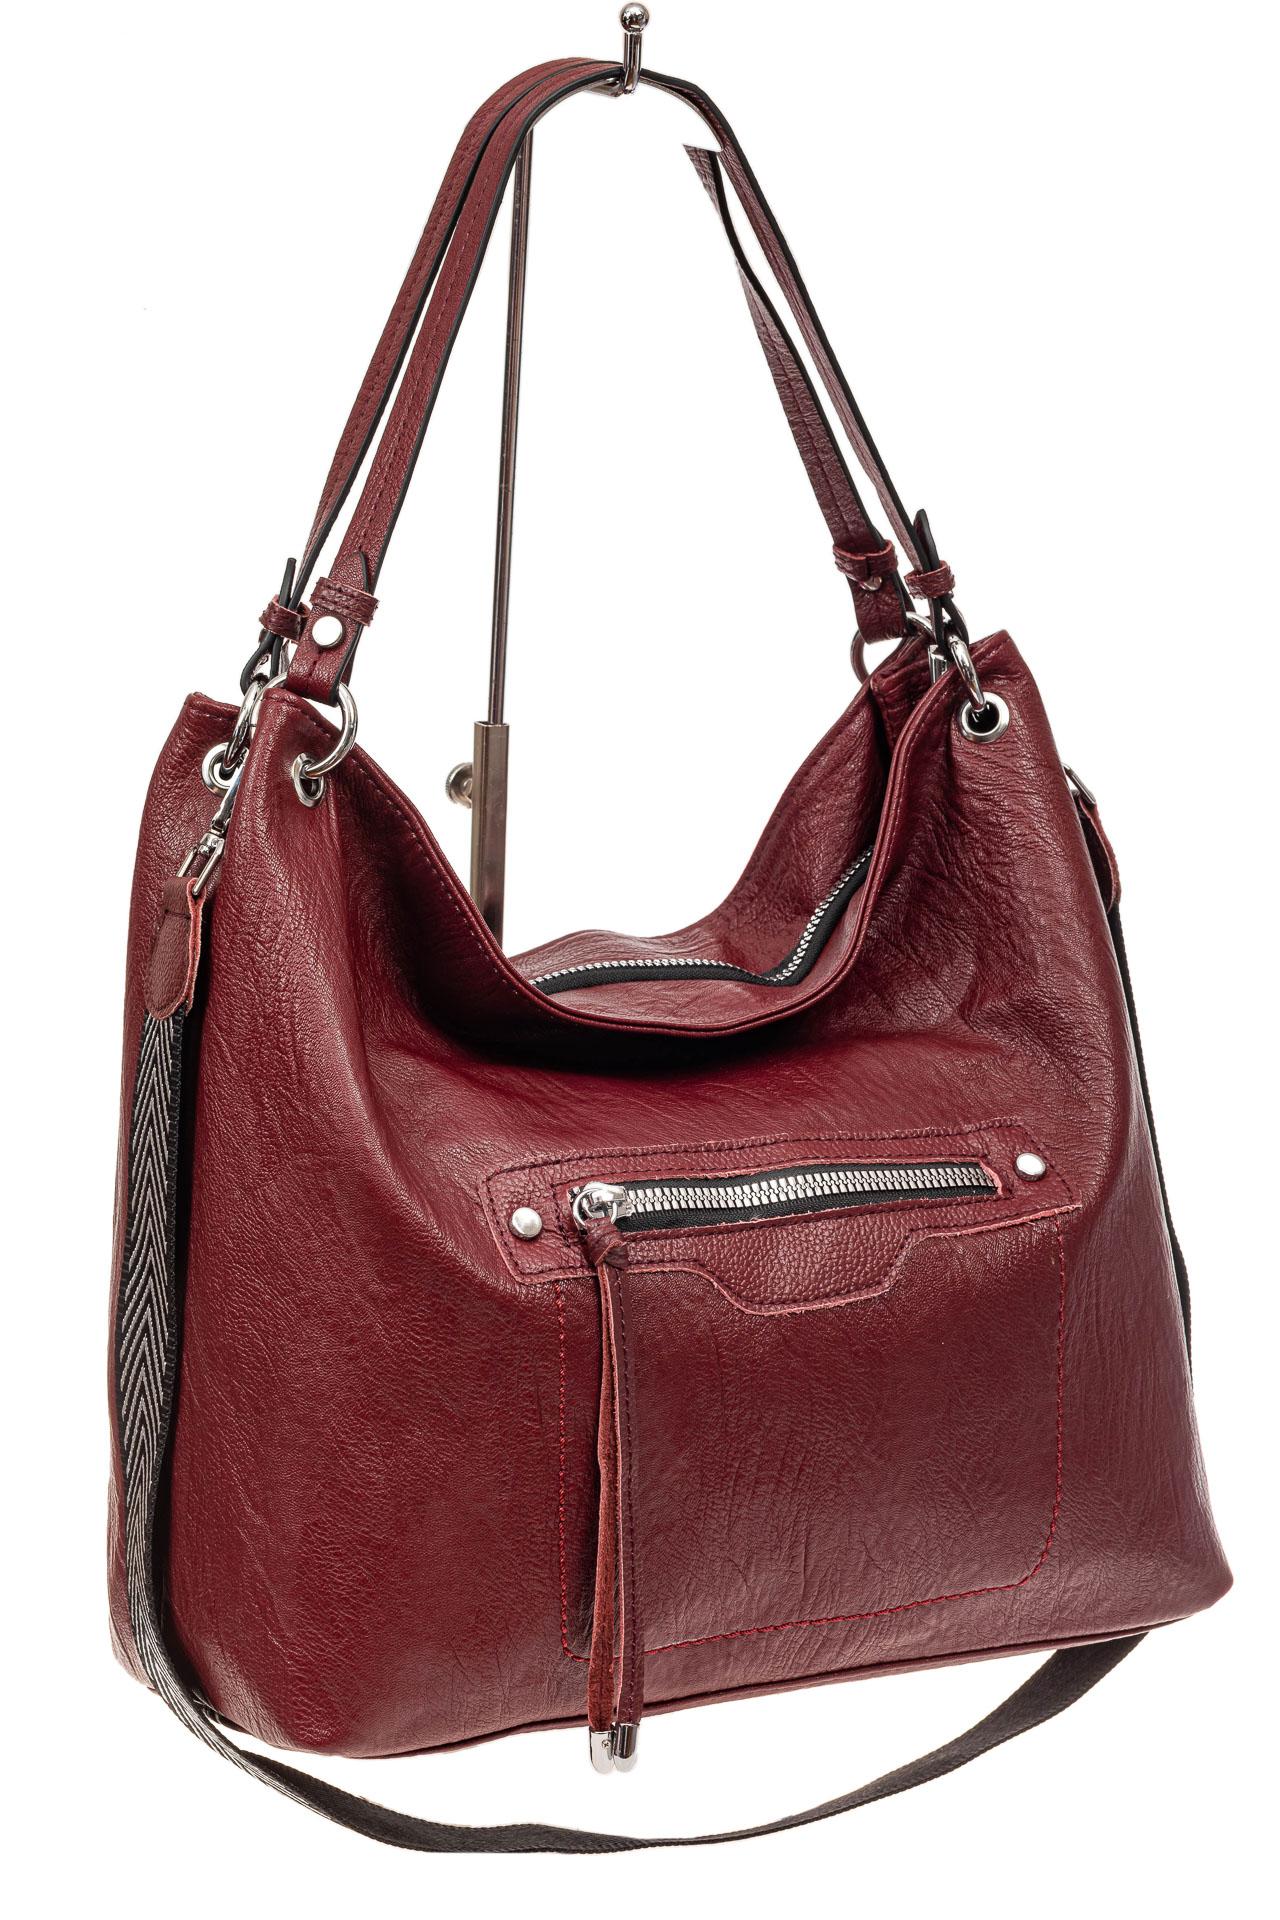 Большая женская сумка из искусственной кожи, цвет бордо669-20PU1019/4